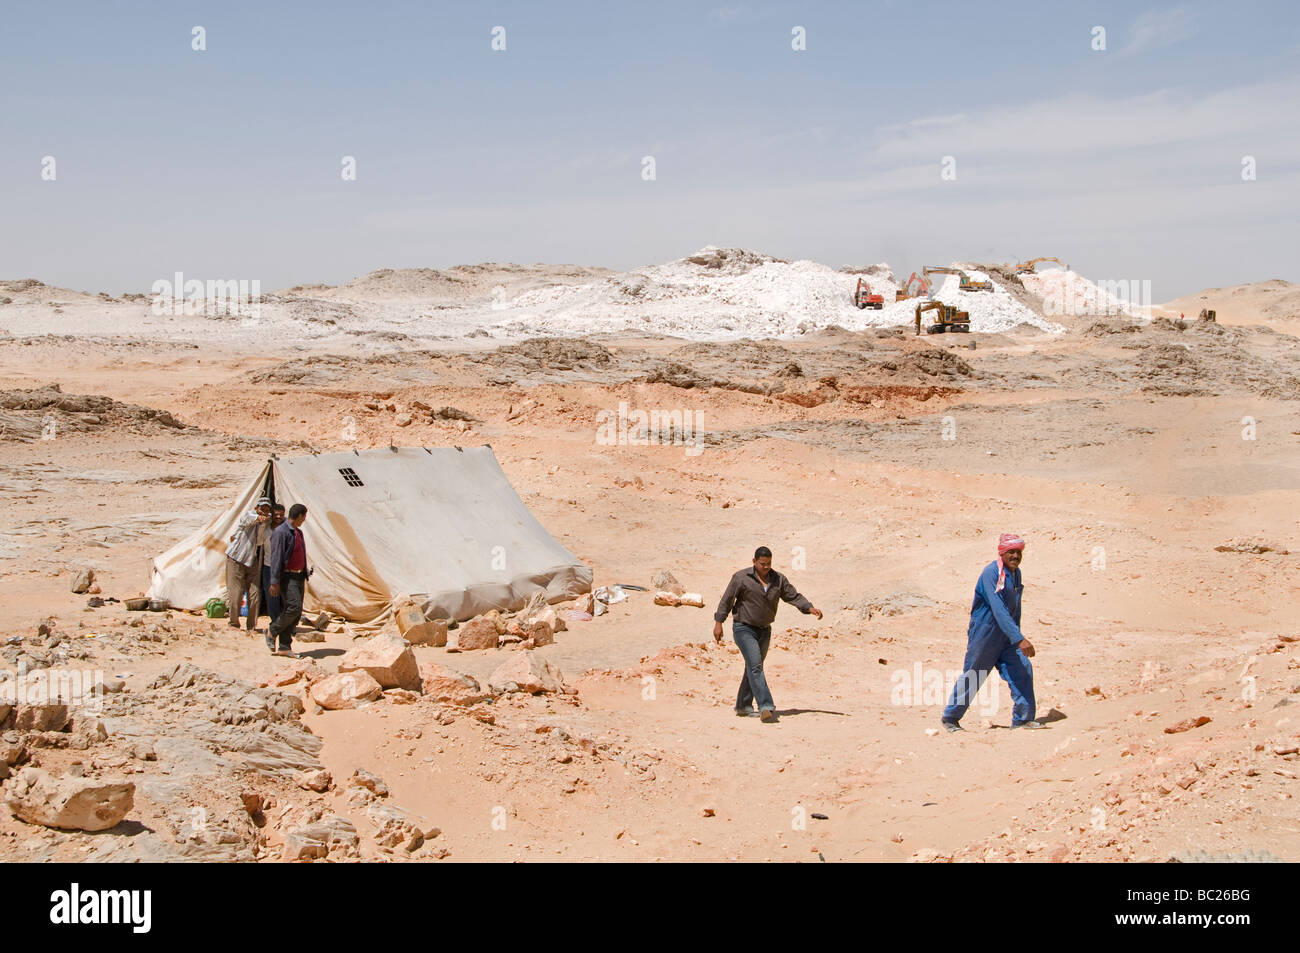 Egypt Sahara Desert road making building construction - Stock Image